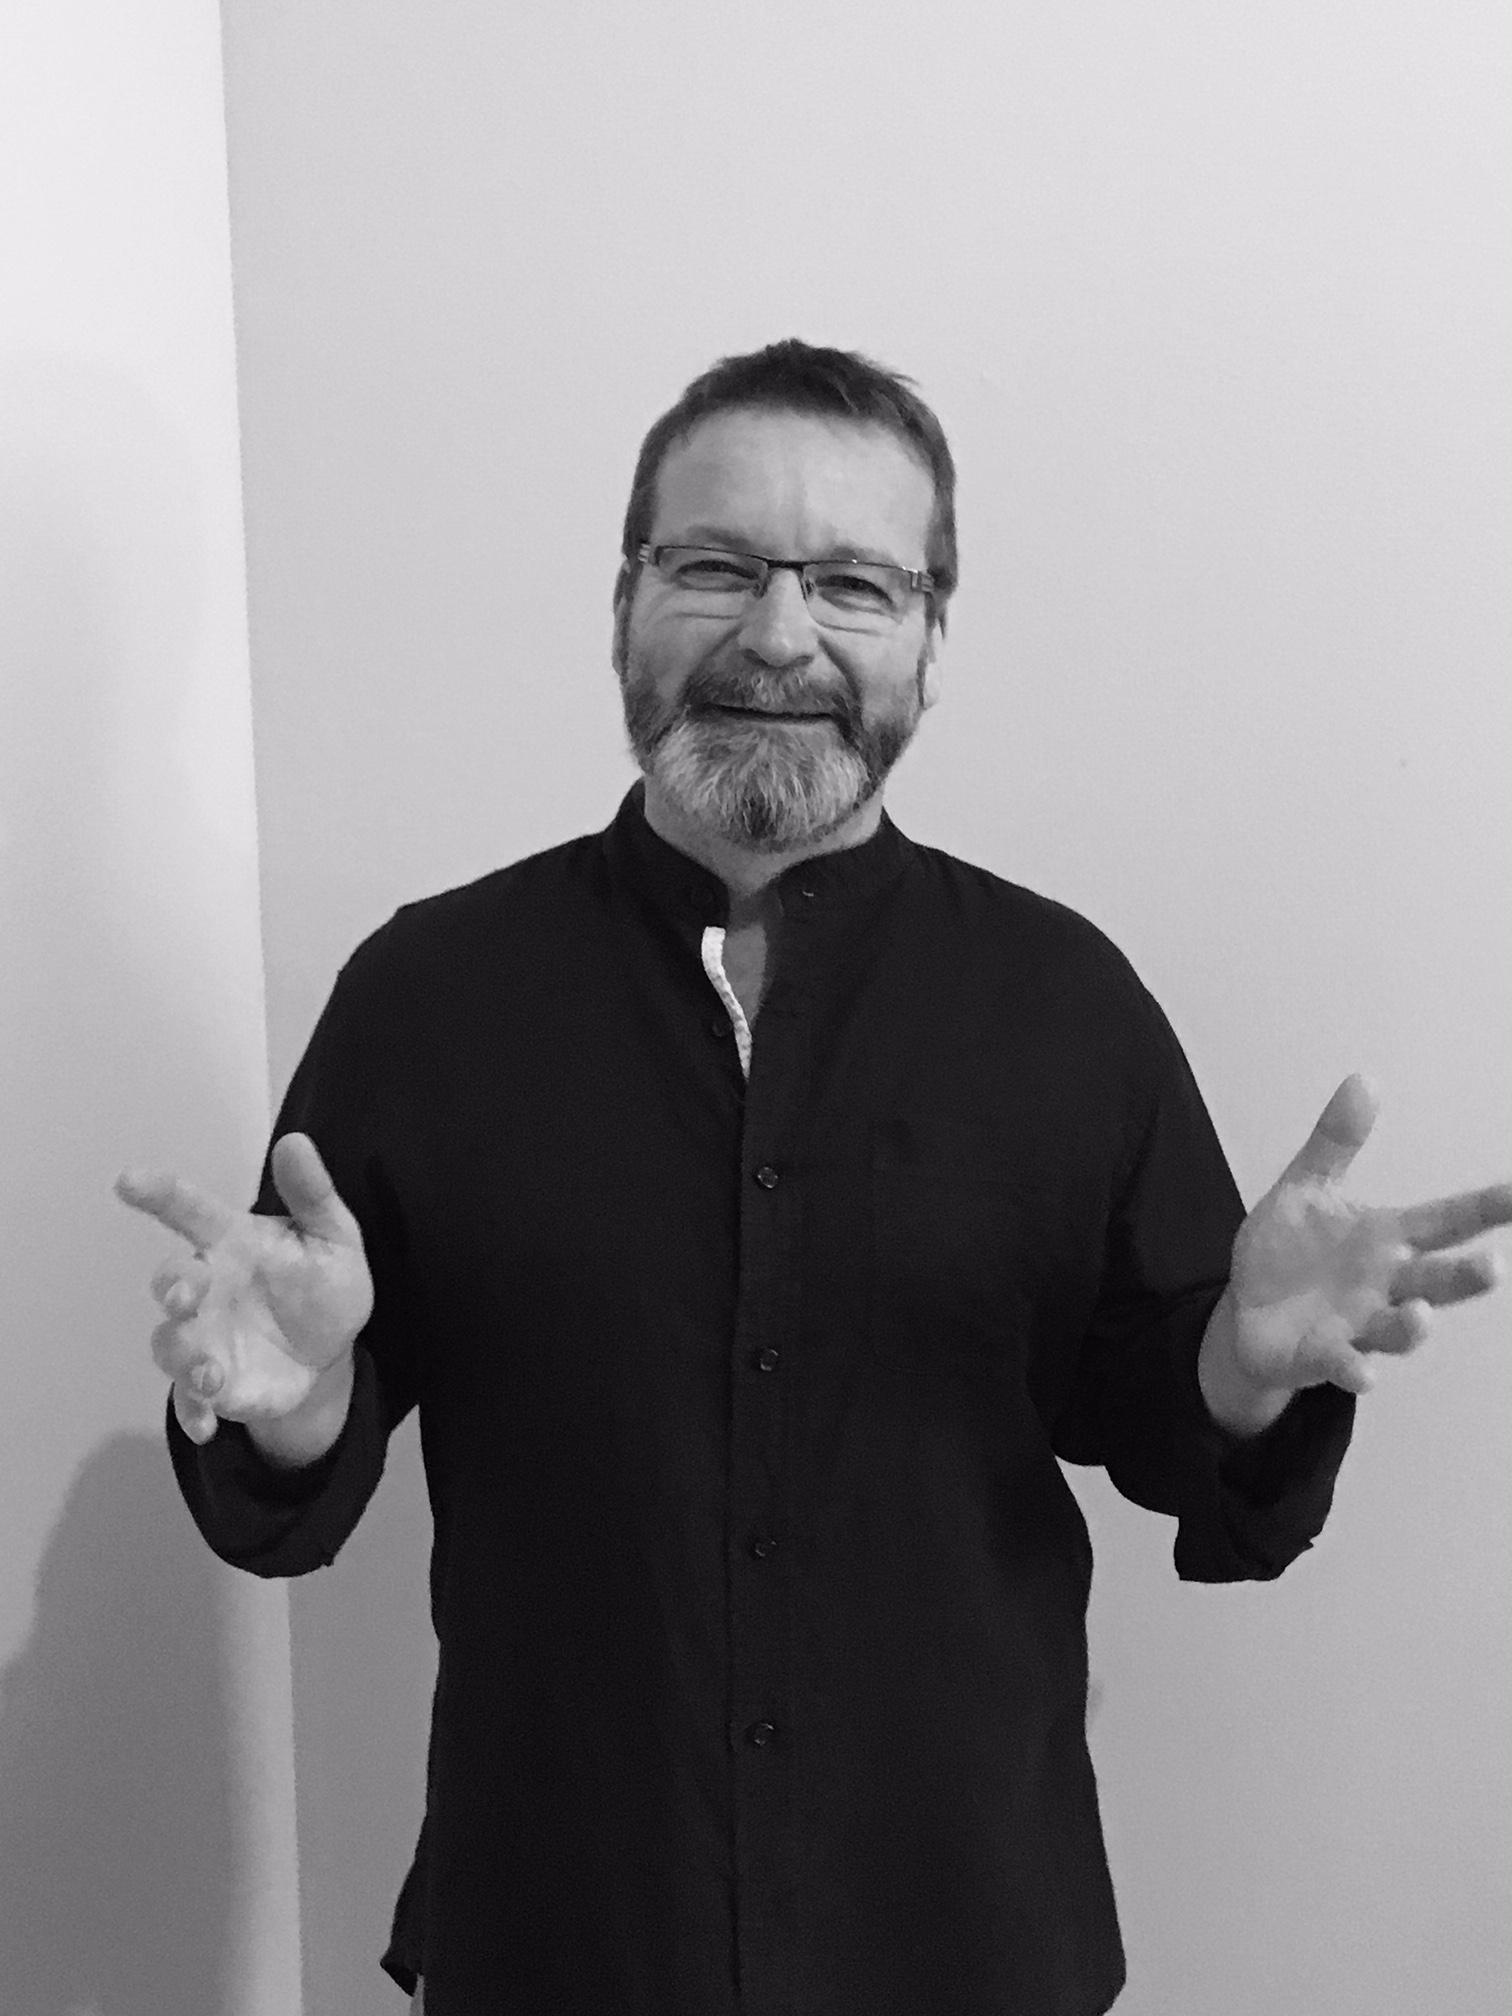 Claude Singer Accompagnateur dans le développement personnel et professionnel